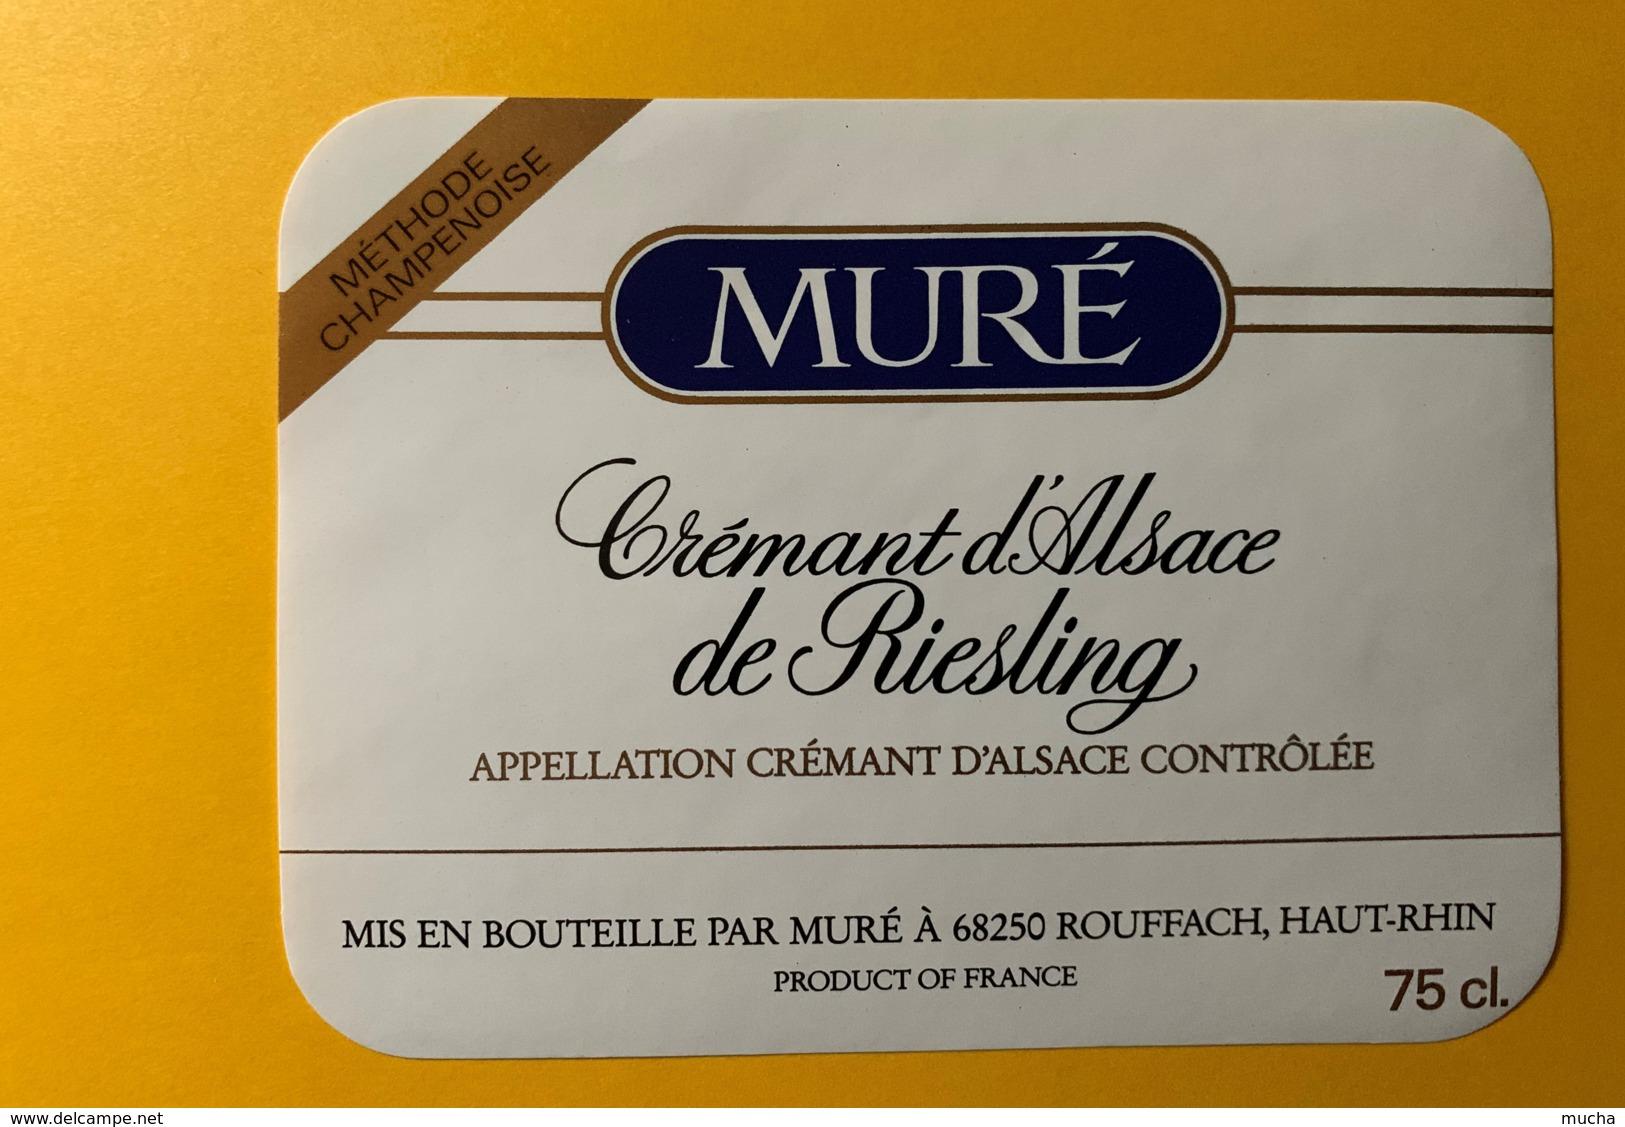 9261- Crémant D'Alsace De Riesling Muré - Etiquettes